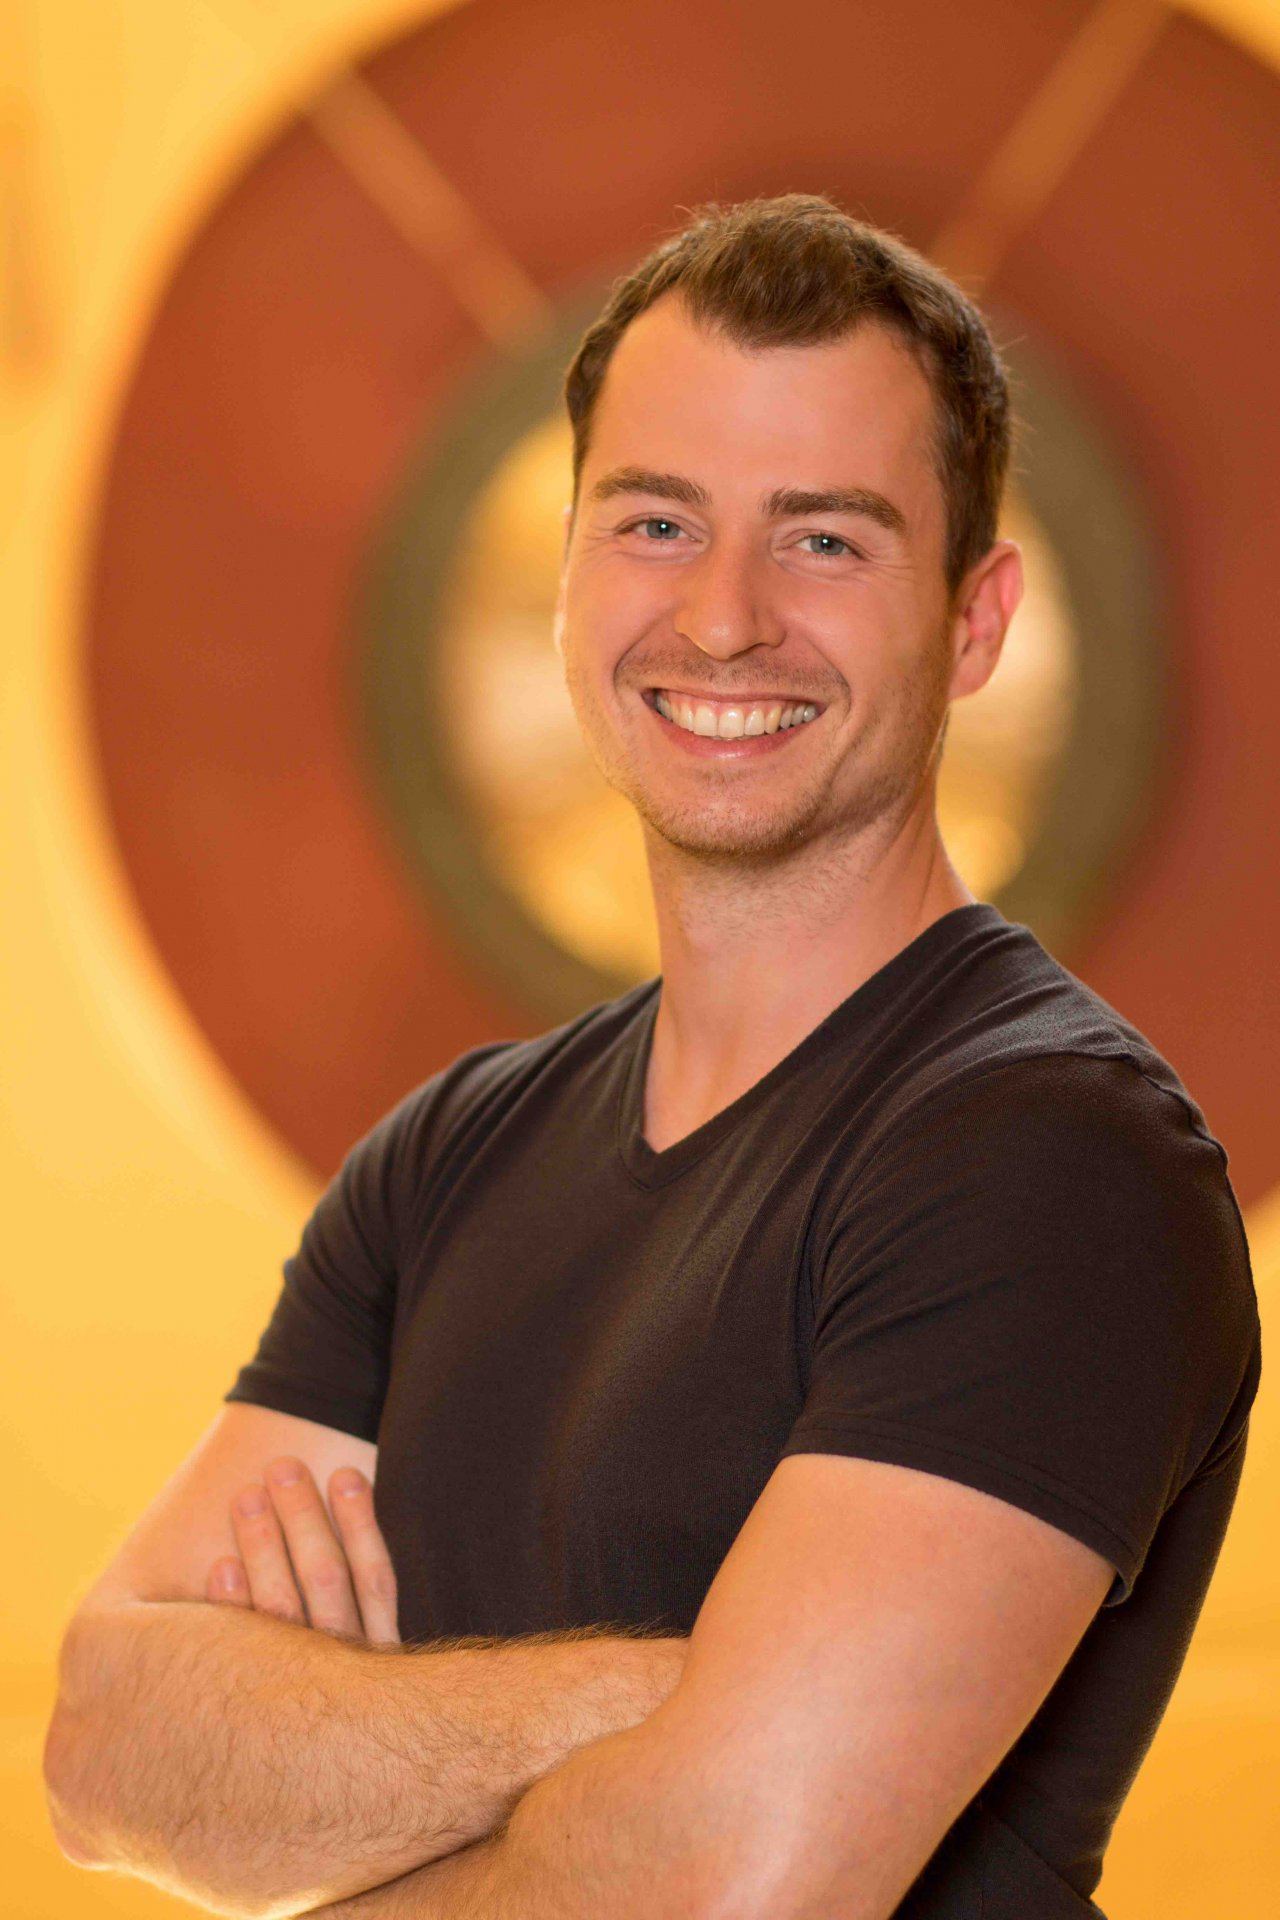 Das Foto zeigt den Physiotherapeuten Jakob Parrisius aus Witzenhausen vor einem orange braunen Hintergrund. Er steht schräg und lacht in die Kamera und hat die Hände vor der Brust verschränkt. Er hat kurze braune Haare und trägt ein schwarzes T-Shirt.